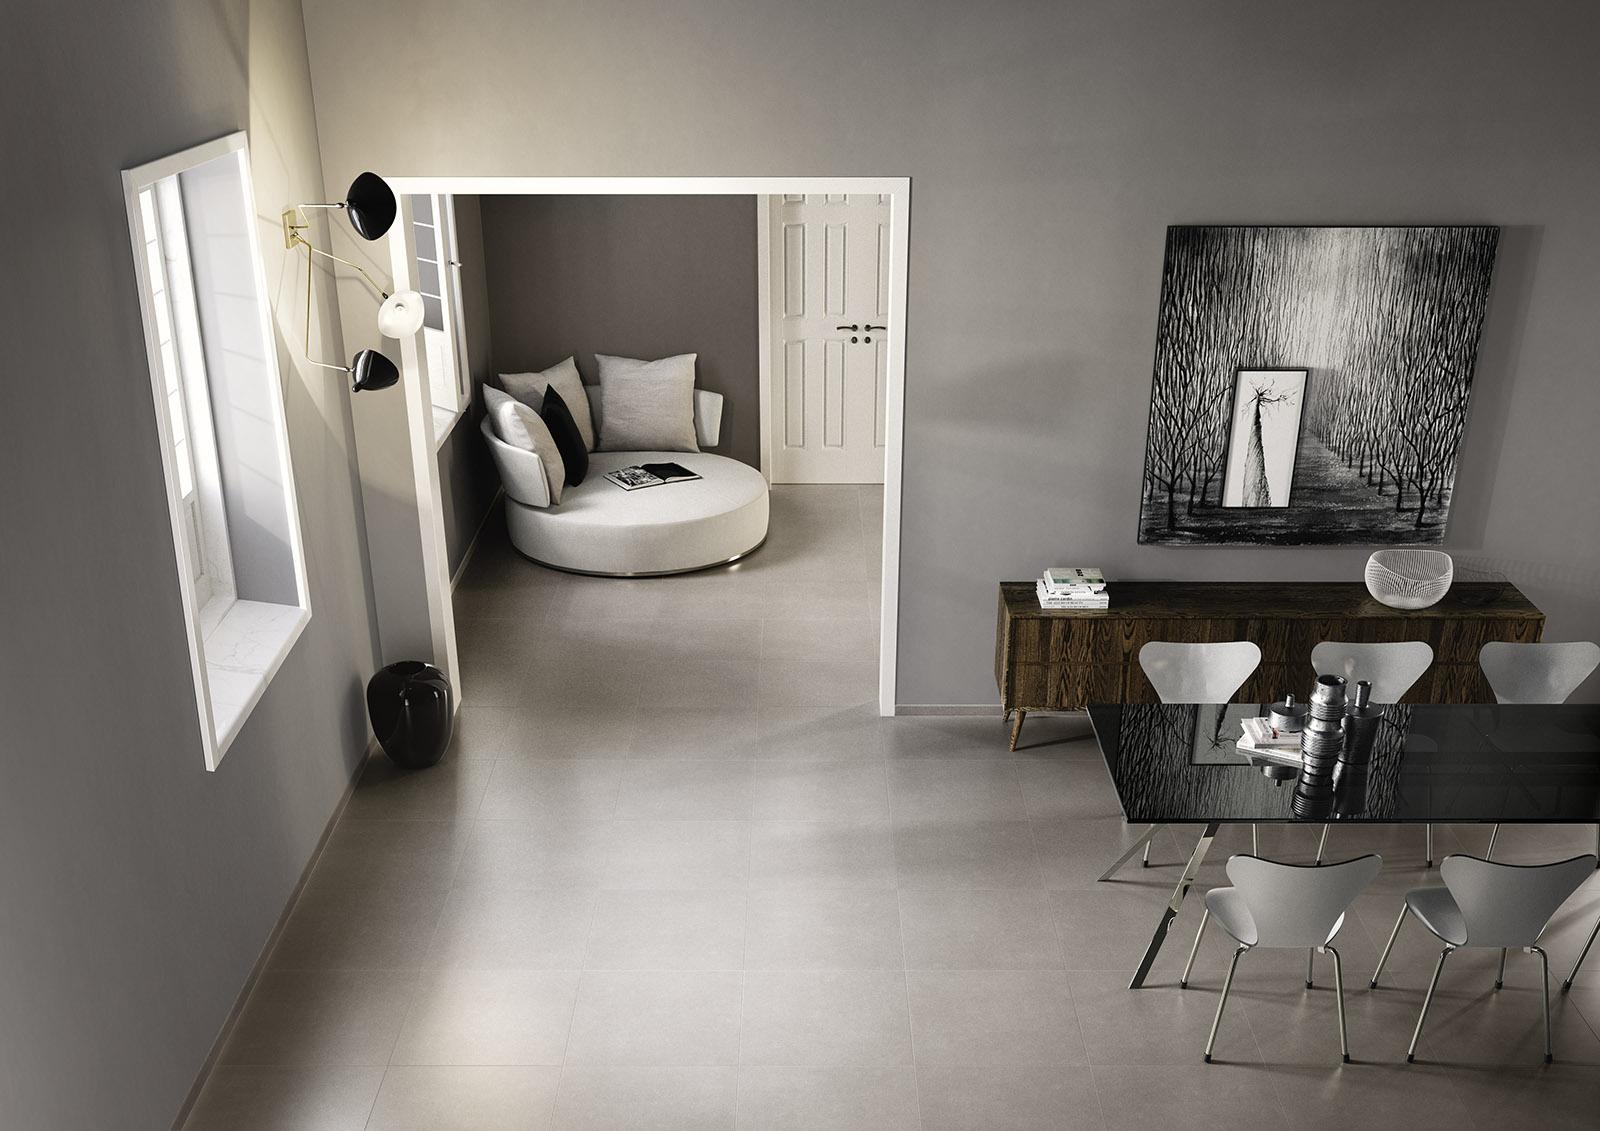 progress - gres porcellanato effetto cemento | marazzi - Progress Arredo Bagno